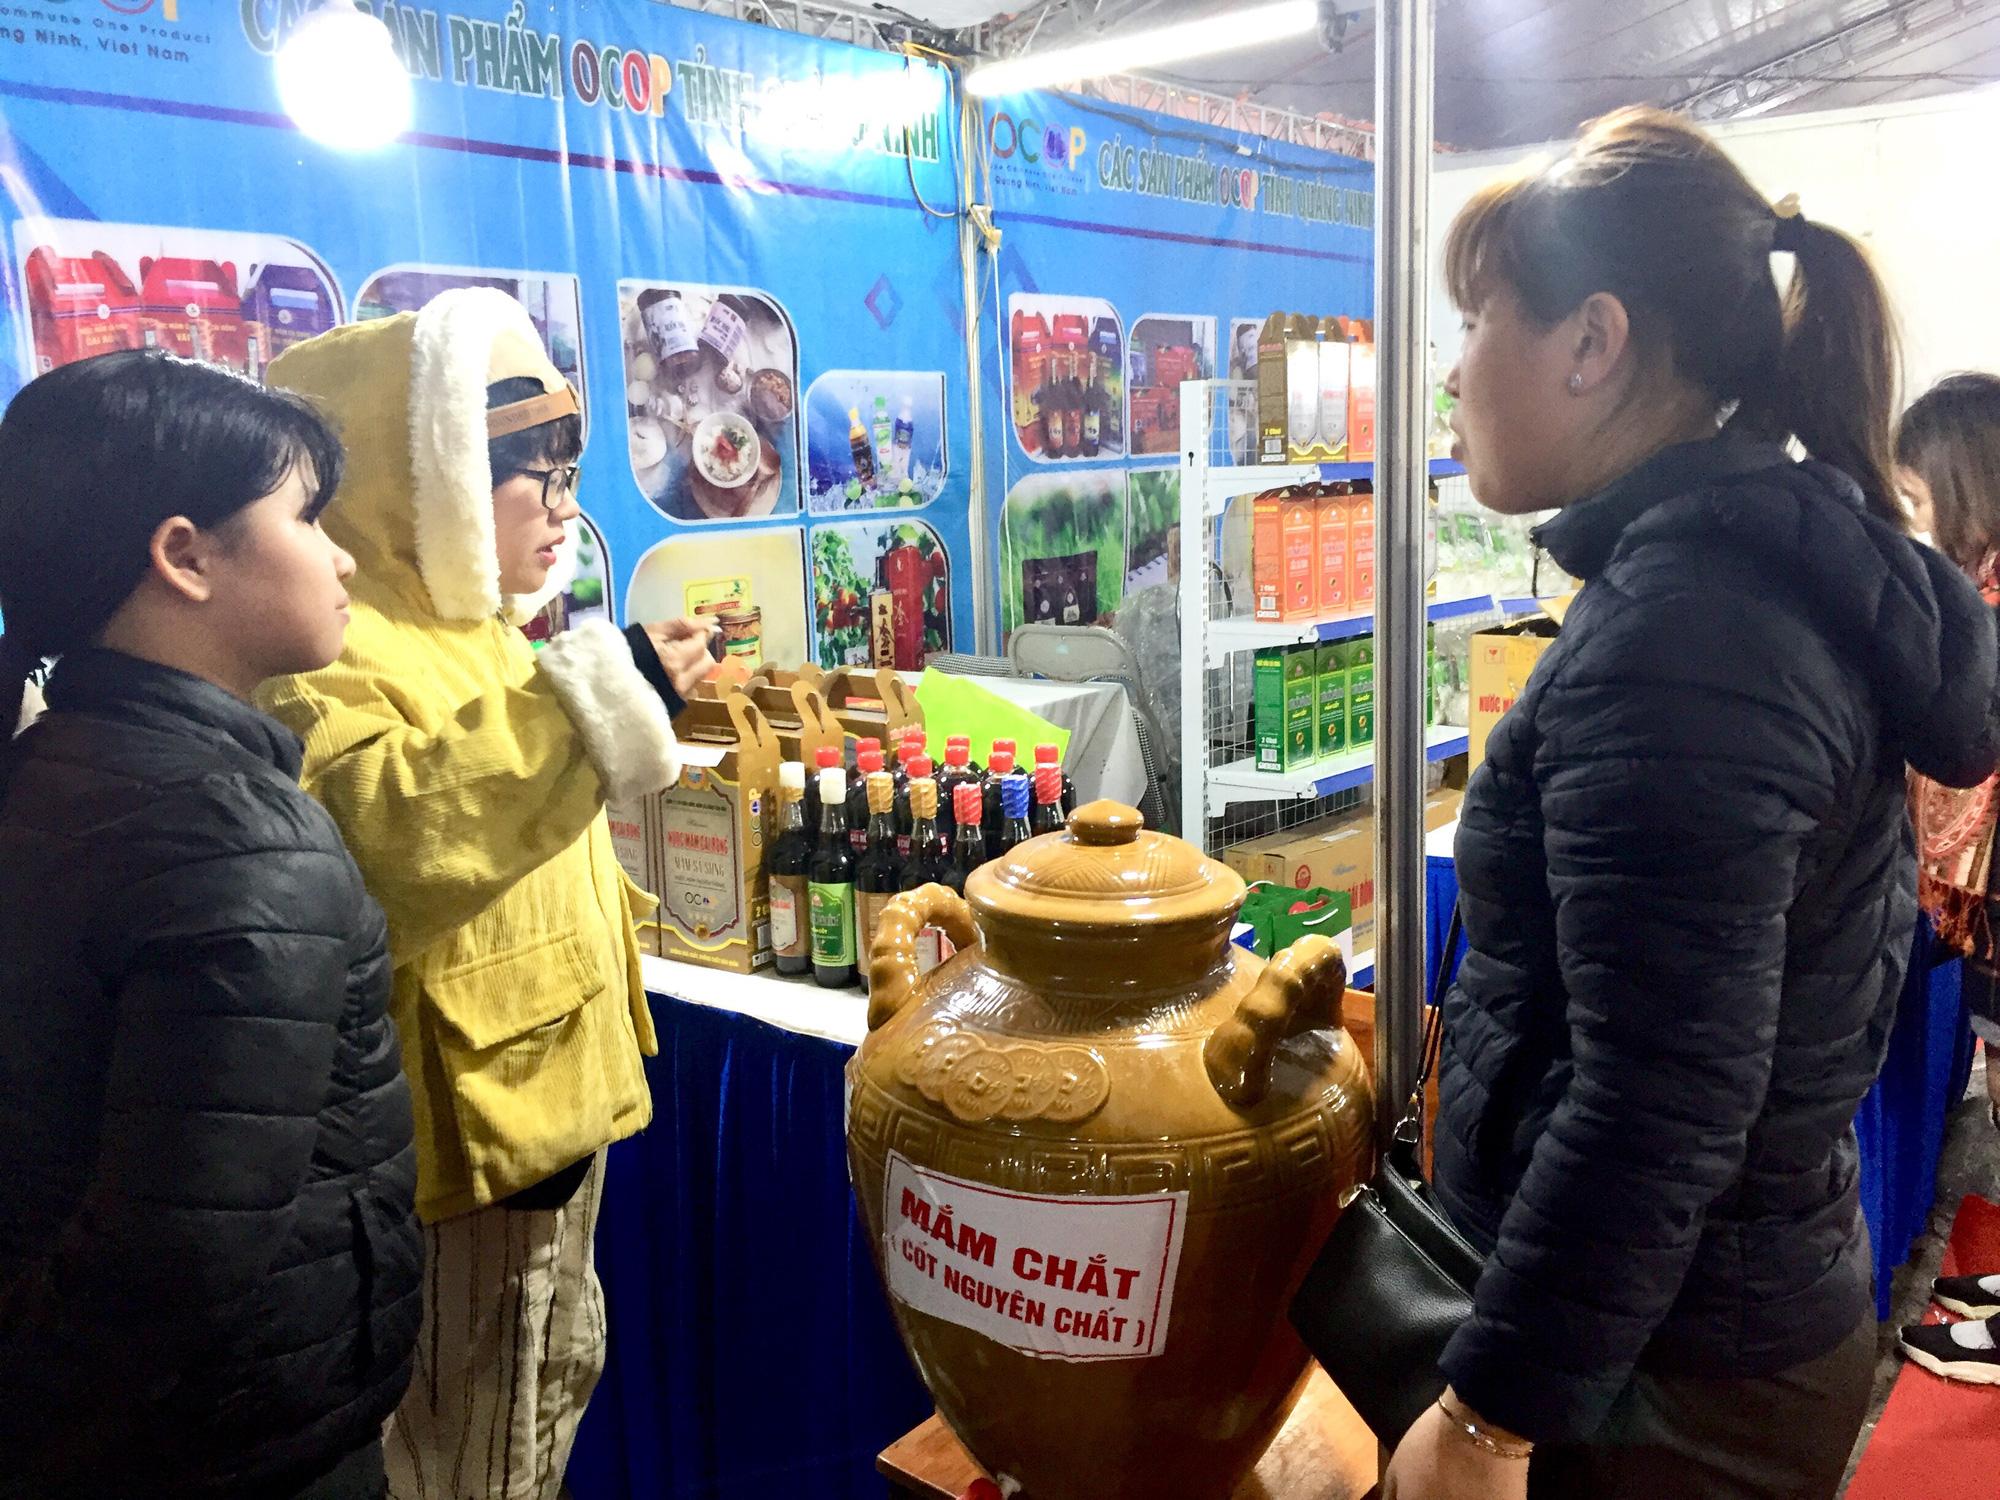 Hàng trăm đặc sản Quảng Ninh bày bán ở Hà Nội, có nước mắm sá sùng- nước mắm của loại hải sản đắt như vàng - Ảnh 3.